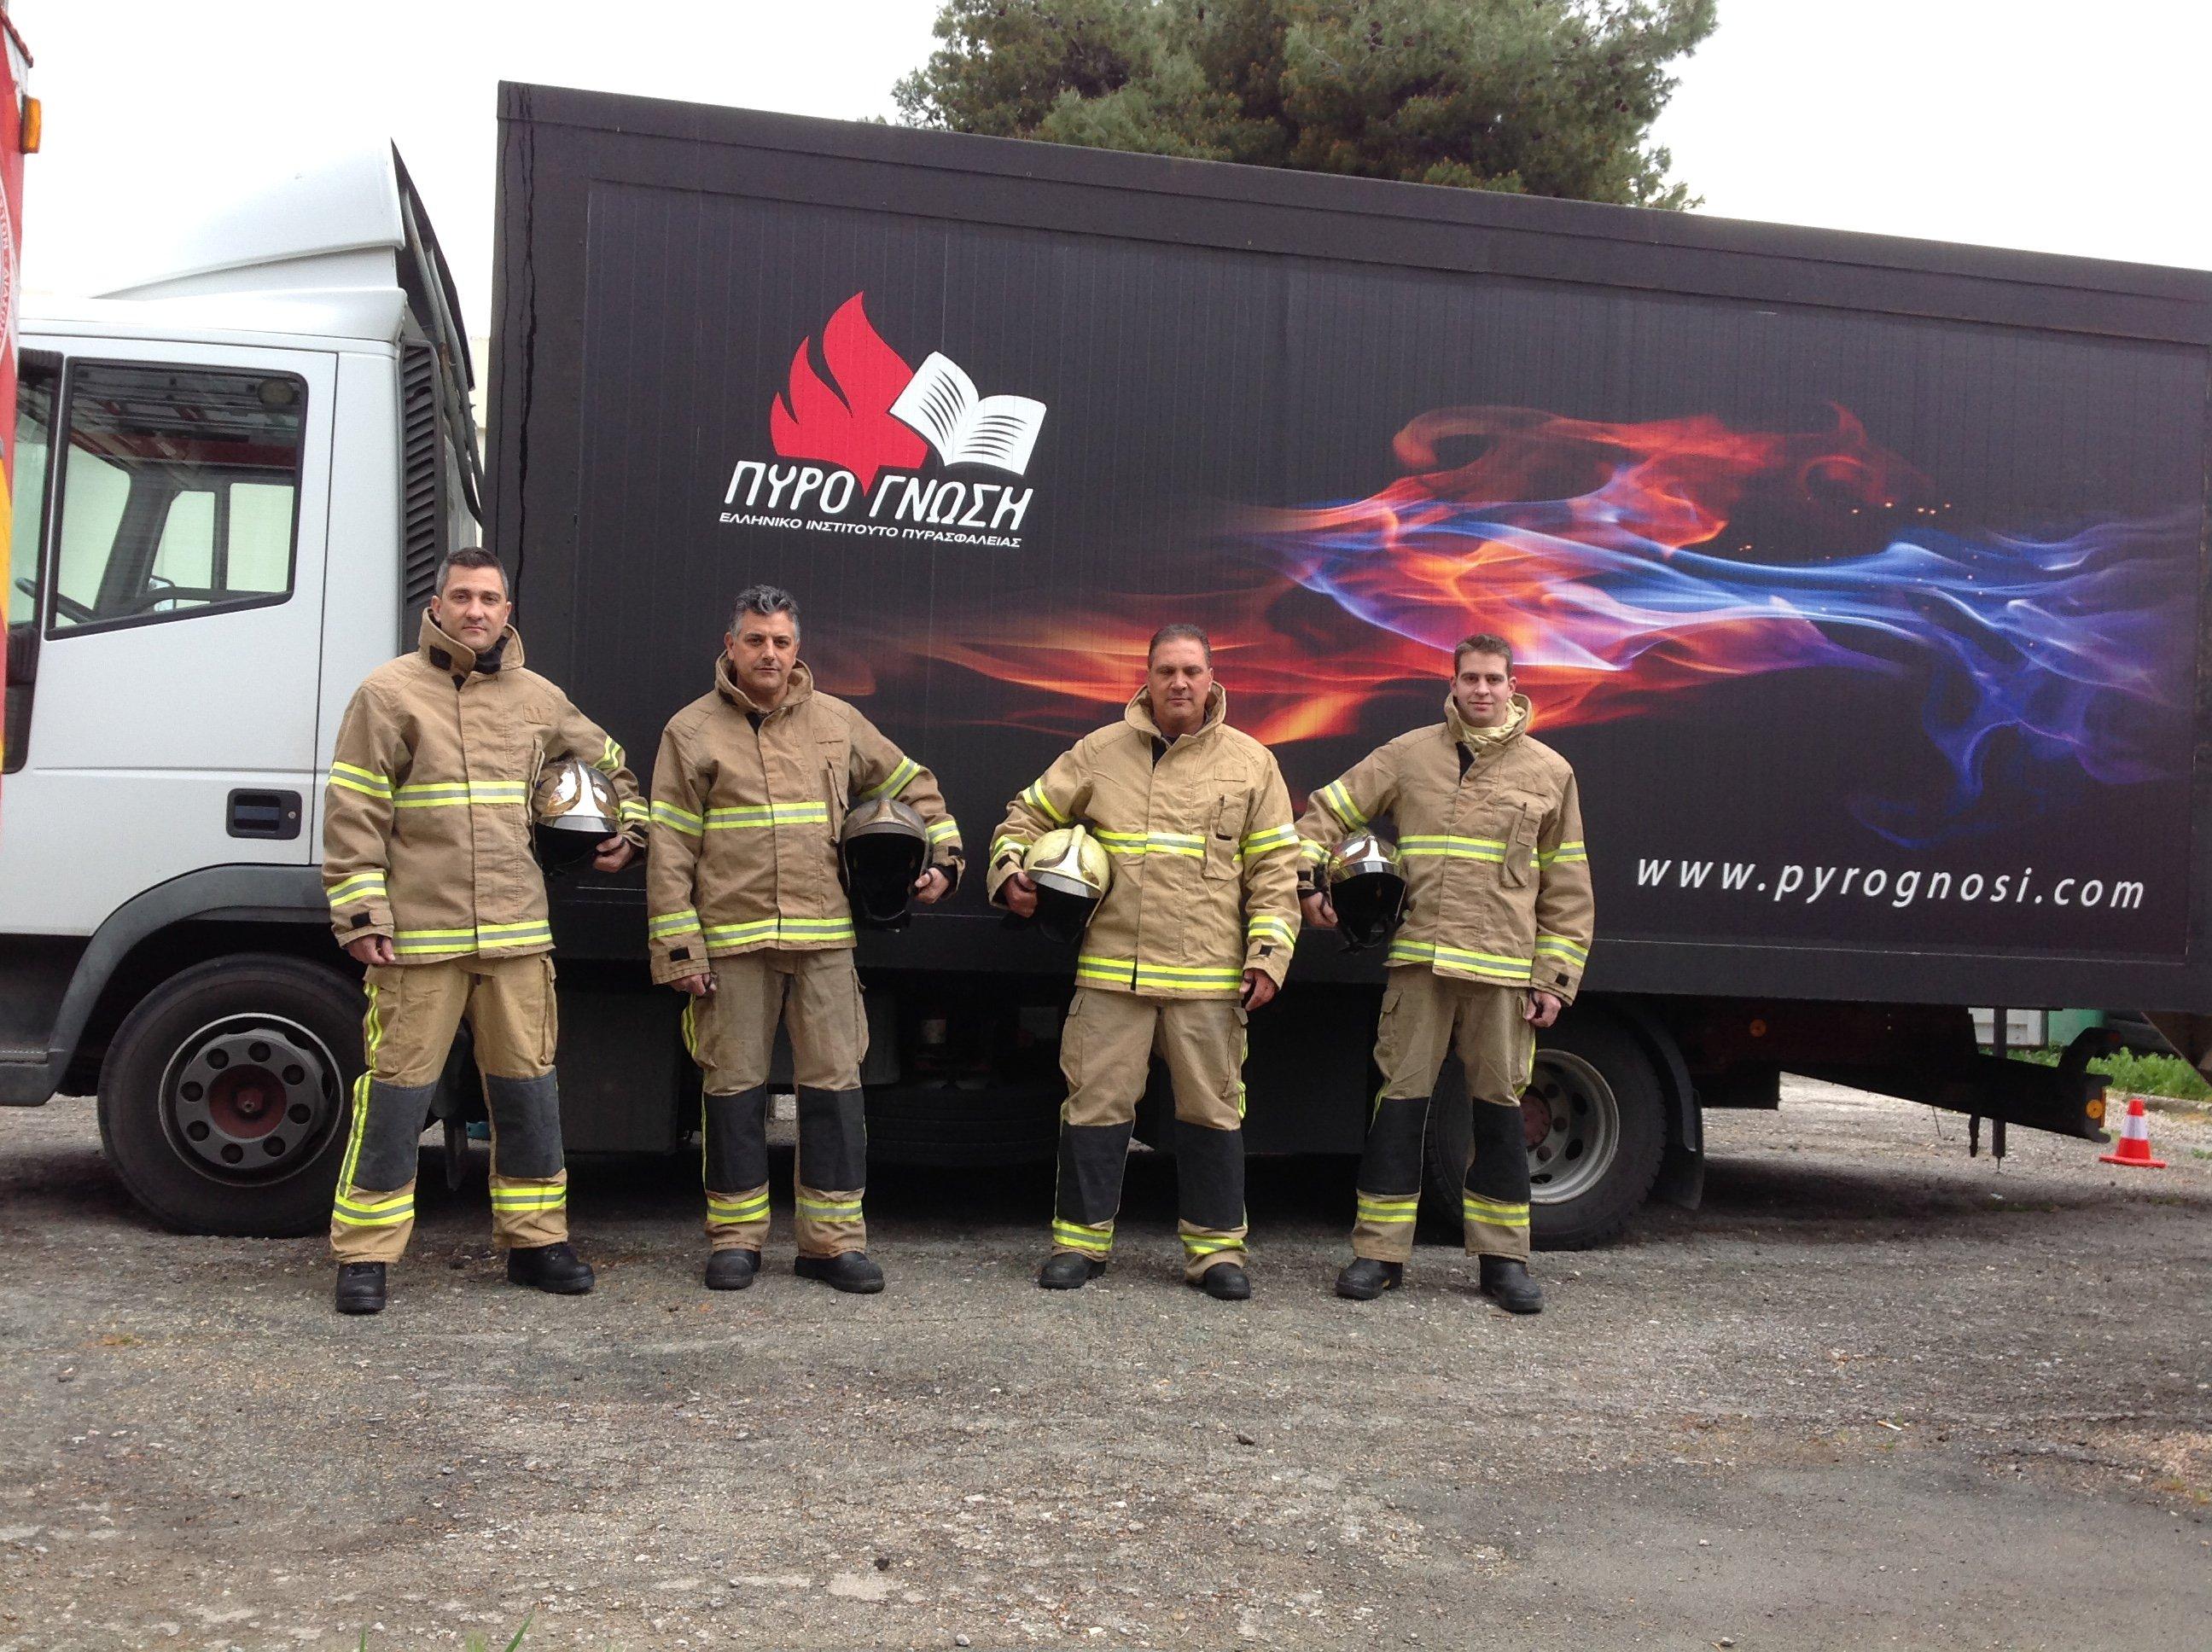 Σενάρια για κατάσβεση πυρκαγιάς σε κλειστό χώρο από την Πυρογνώση.